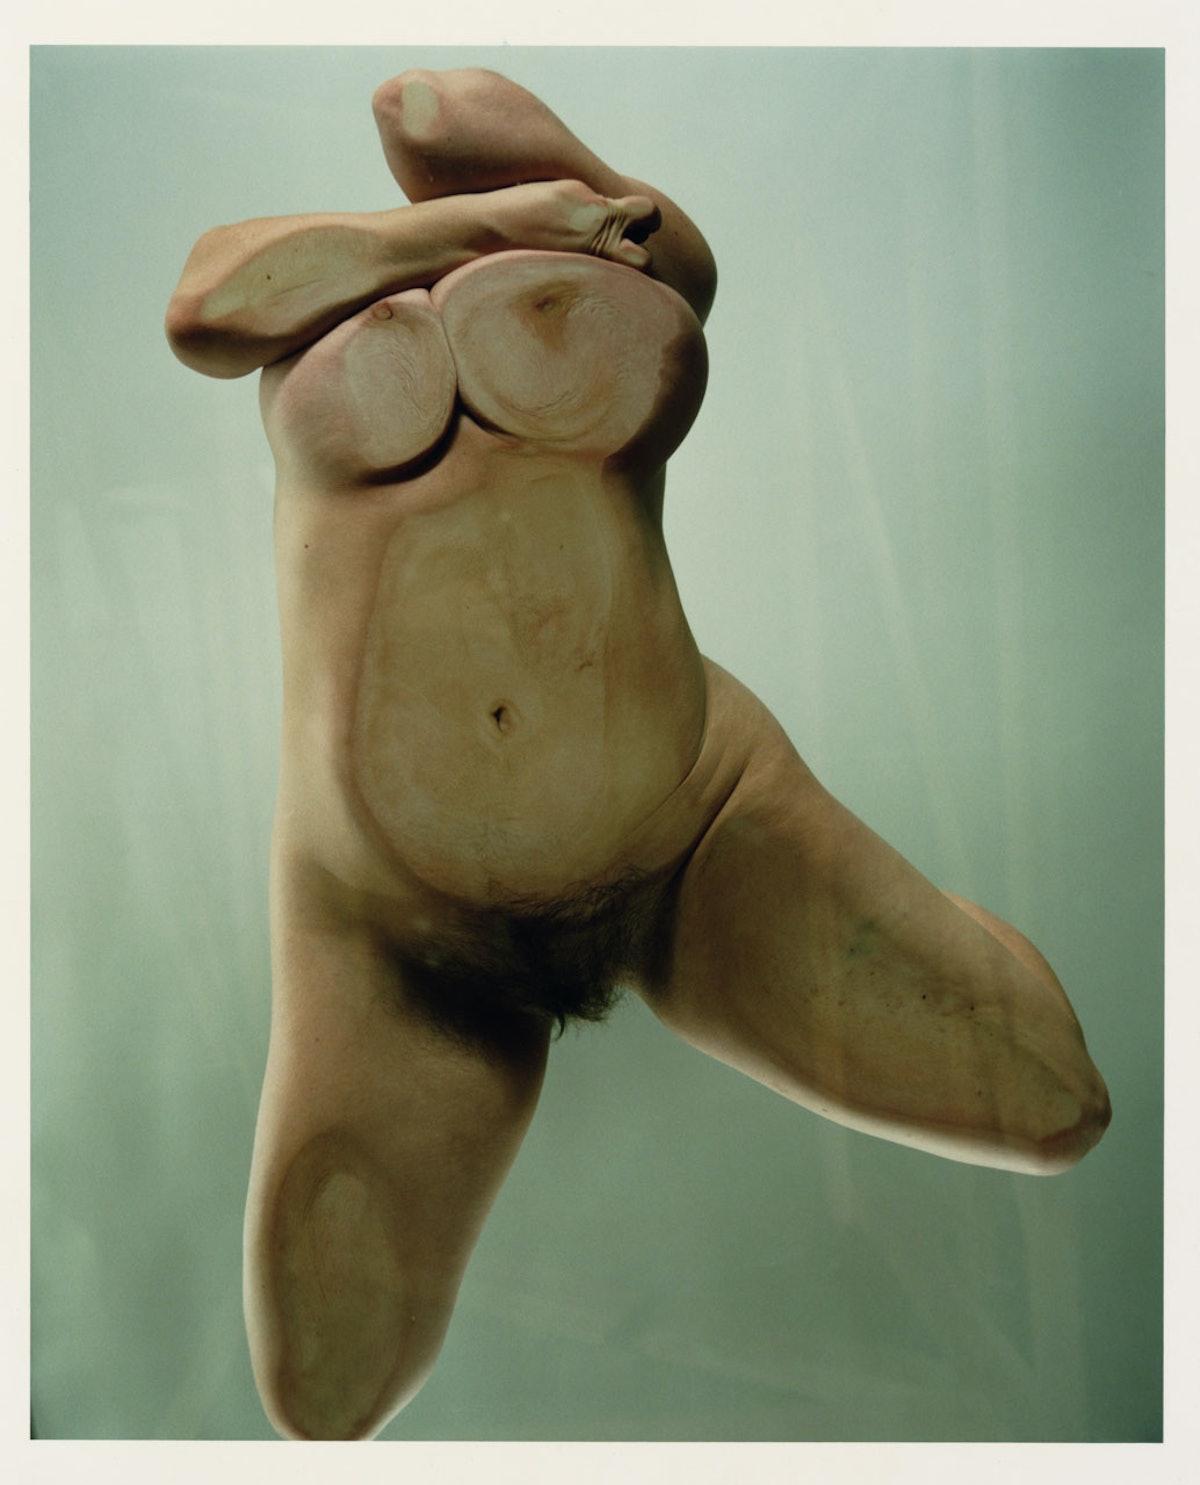 arss-under-my-skin-nudes-05-v